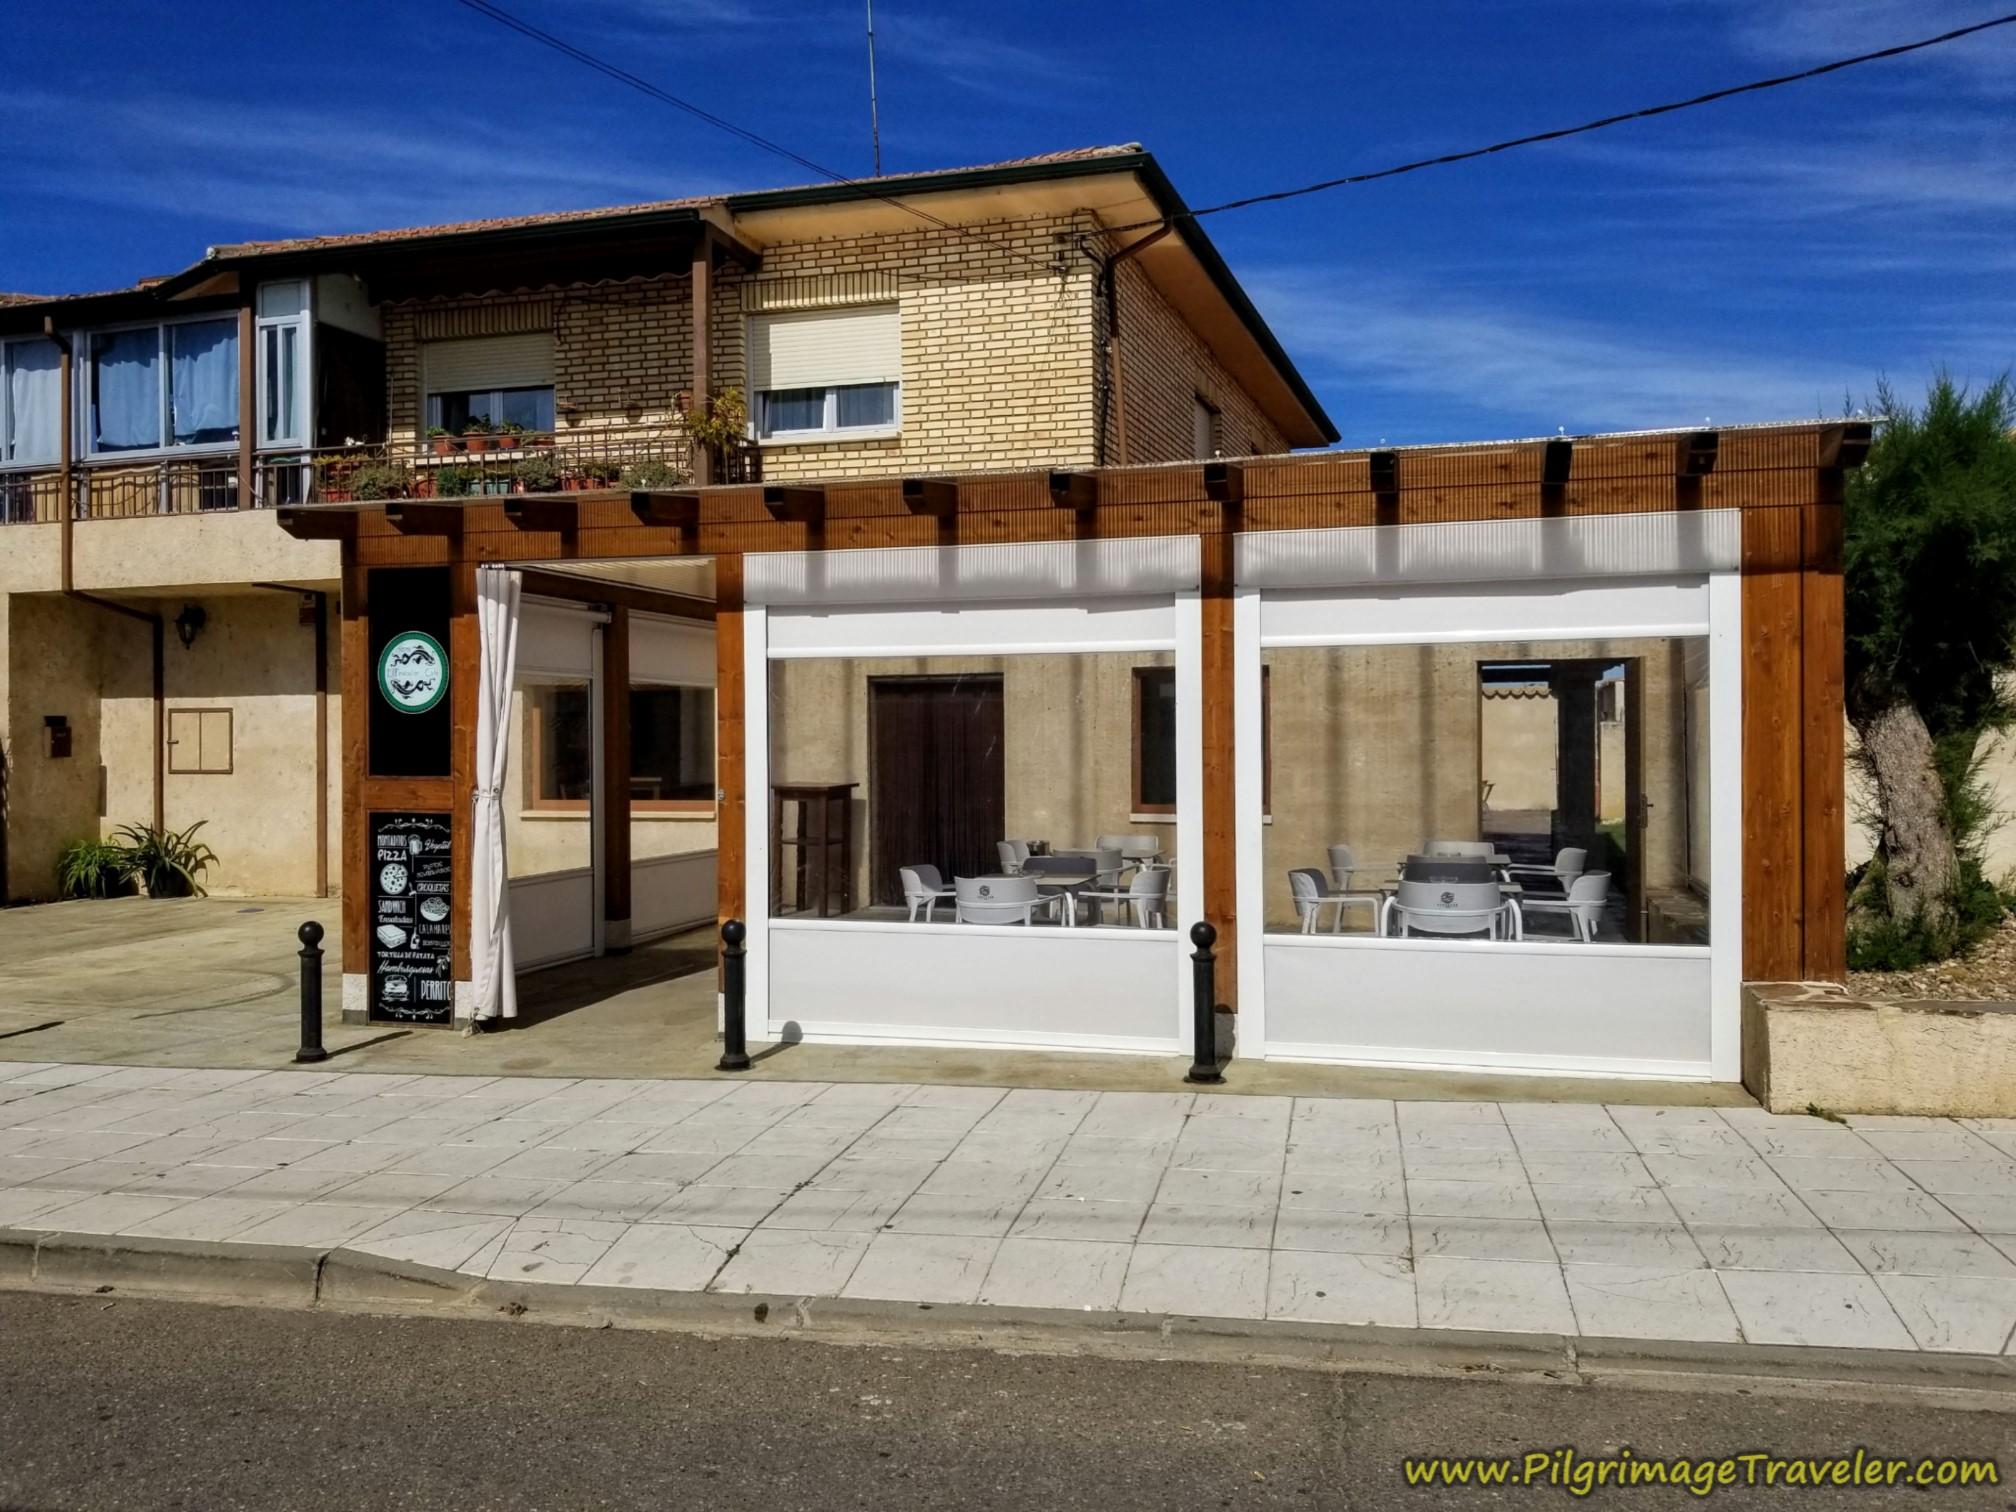 Café El Pescador on the Vía de la Plata from Zamora to Montamarta